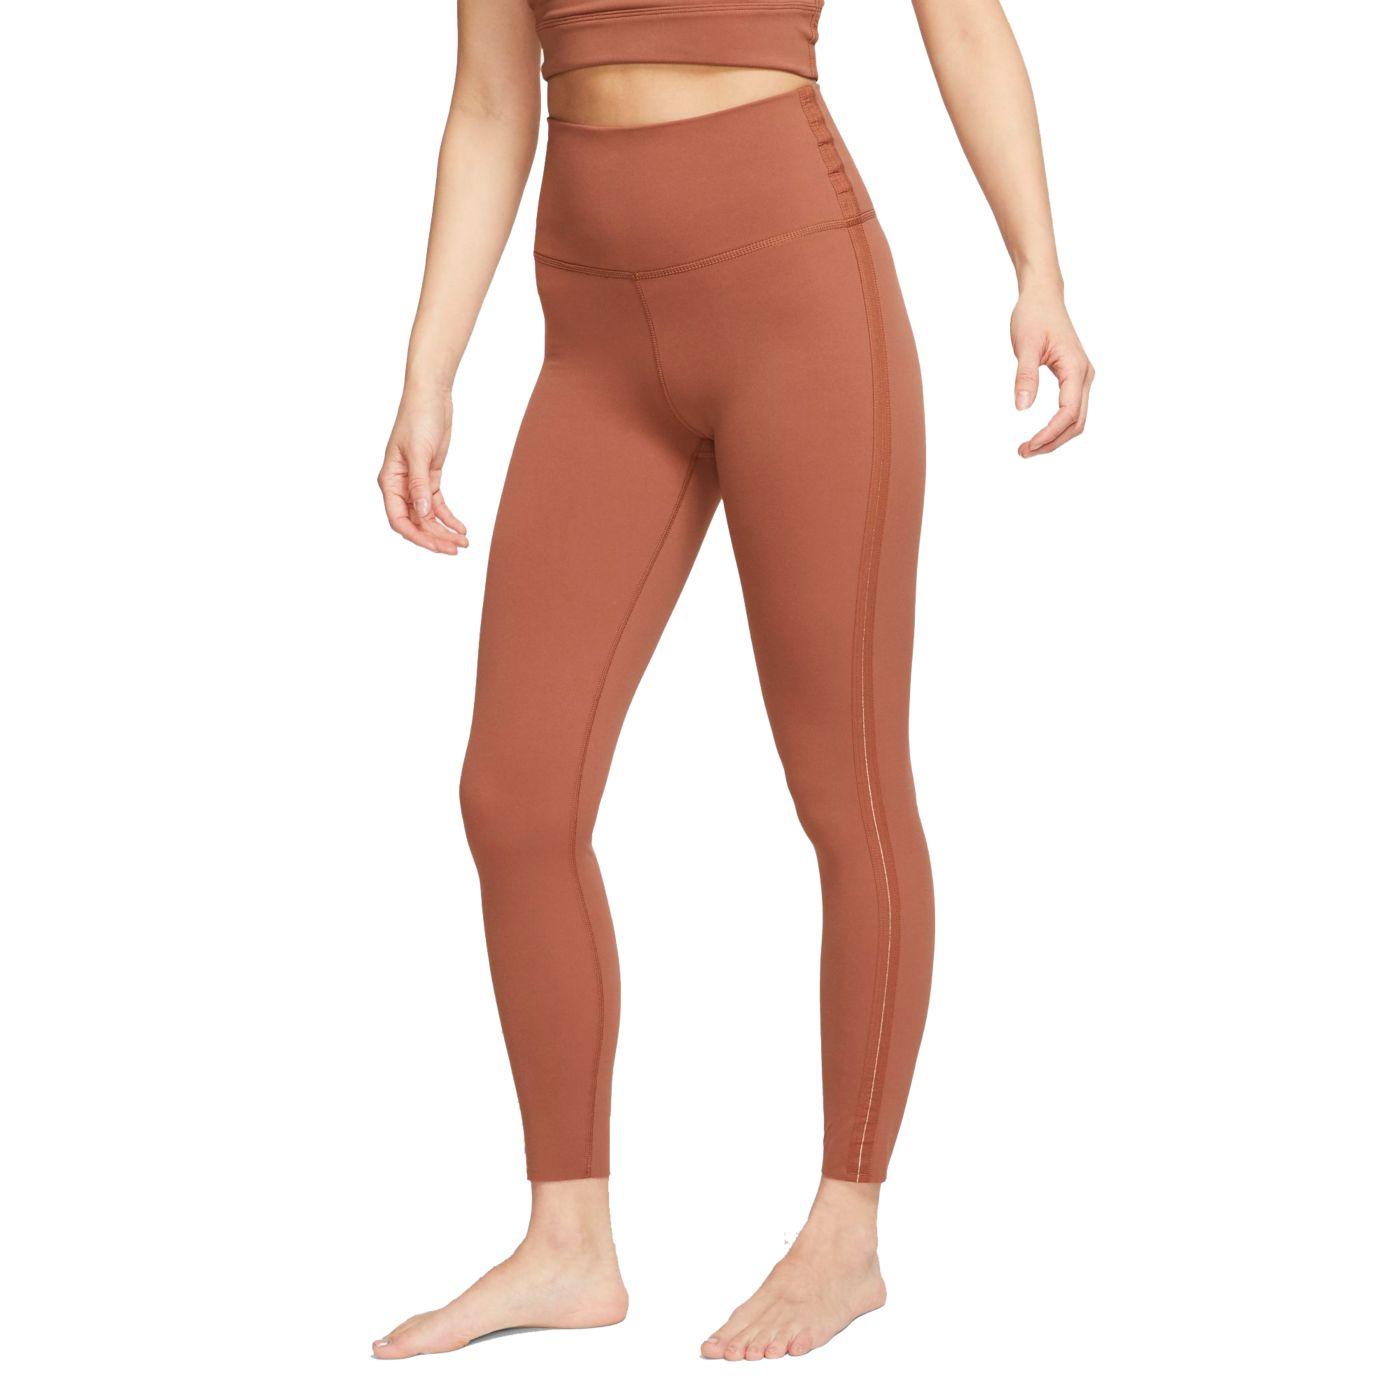 Nike Women's Yoga Luxe 7/8 Tights